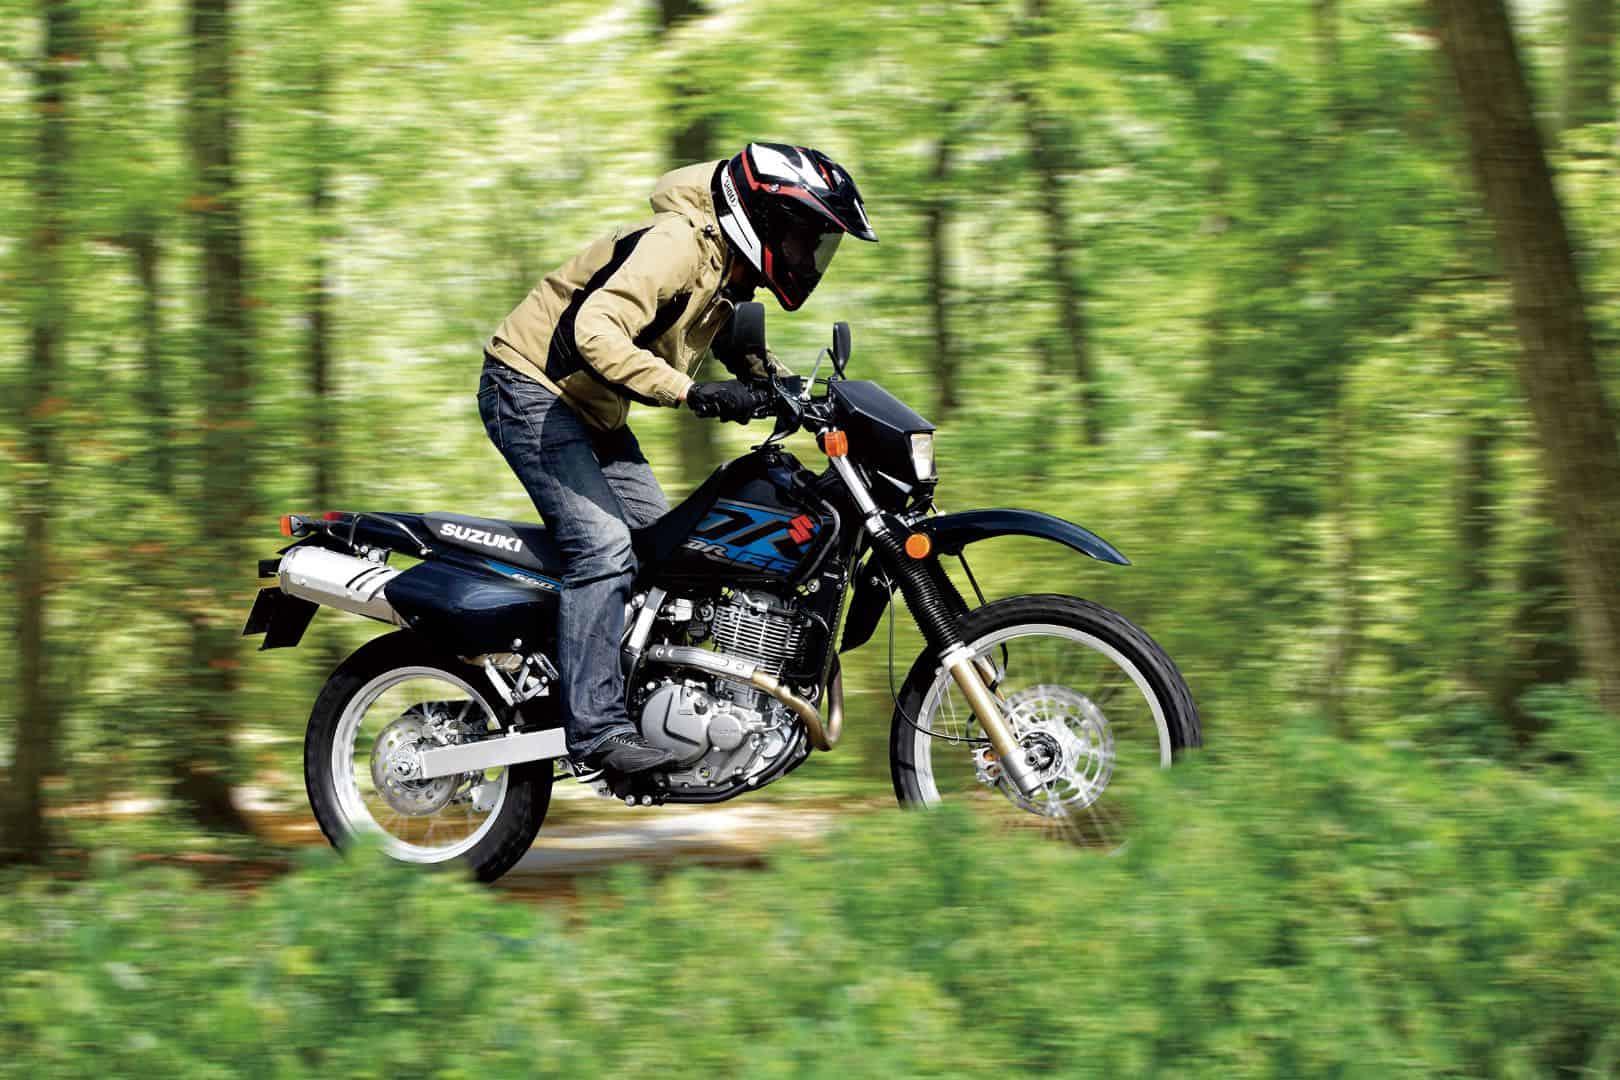 SuzukiDR650S – dual sport motorcycle